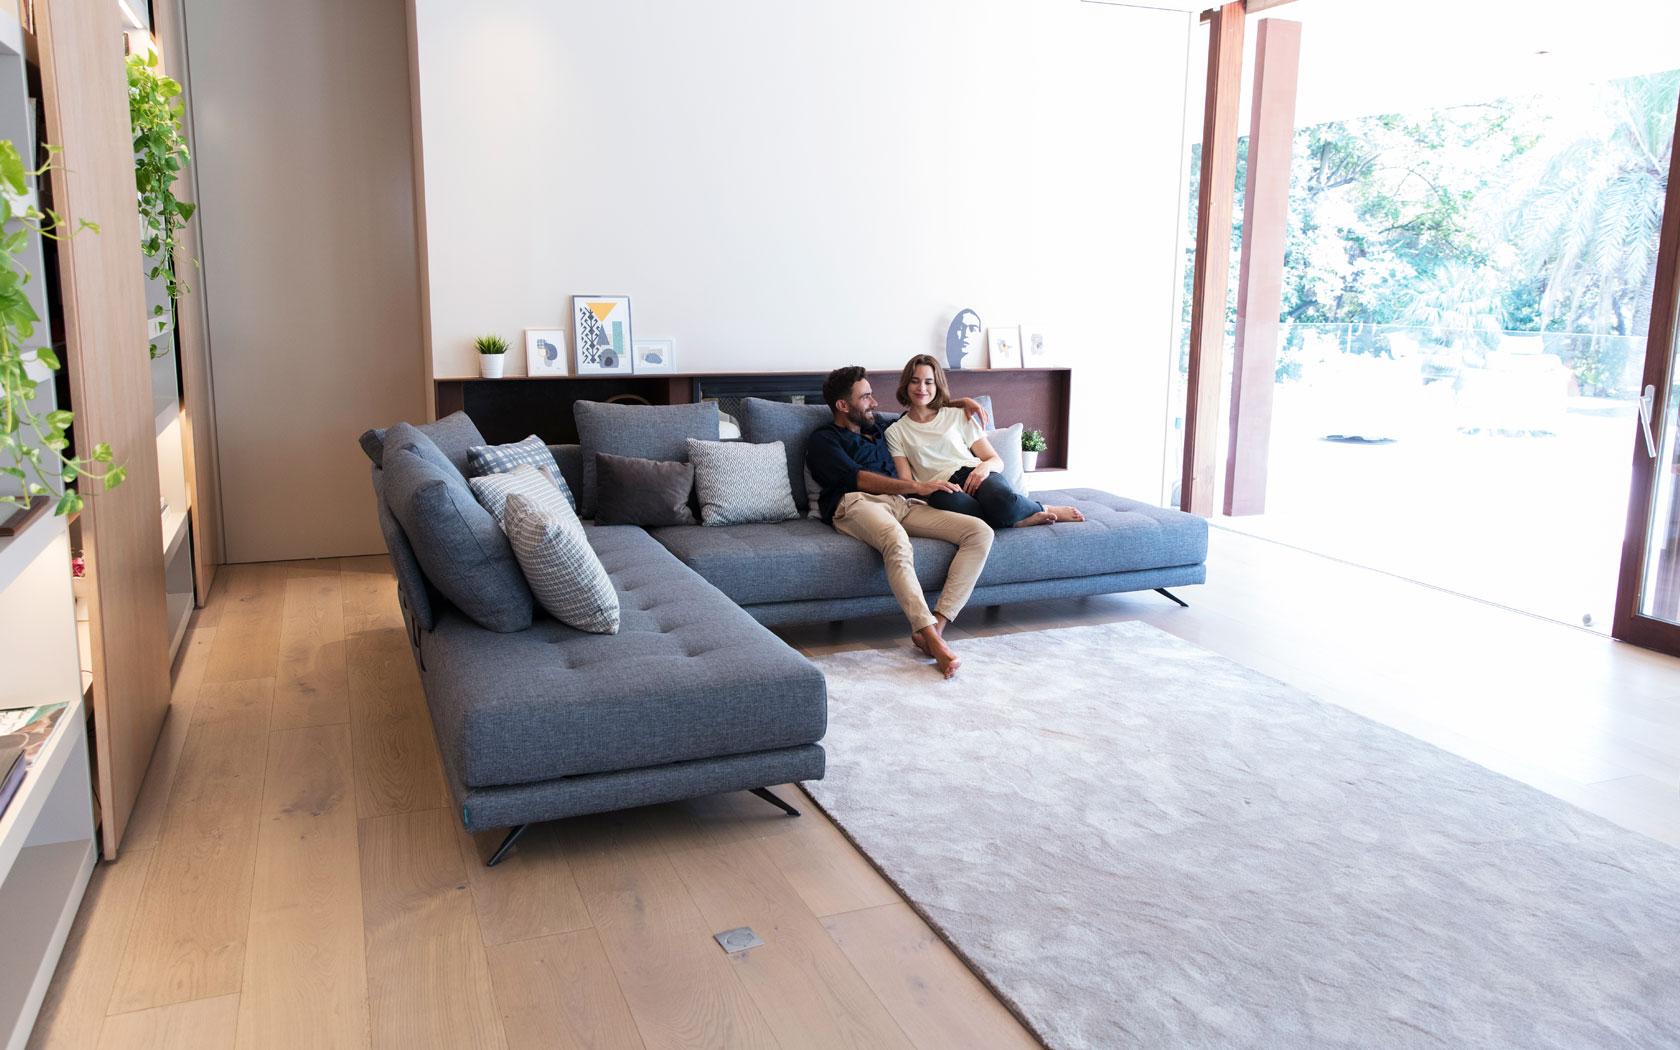 Pacific sofa Fama 2020 03